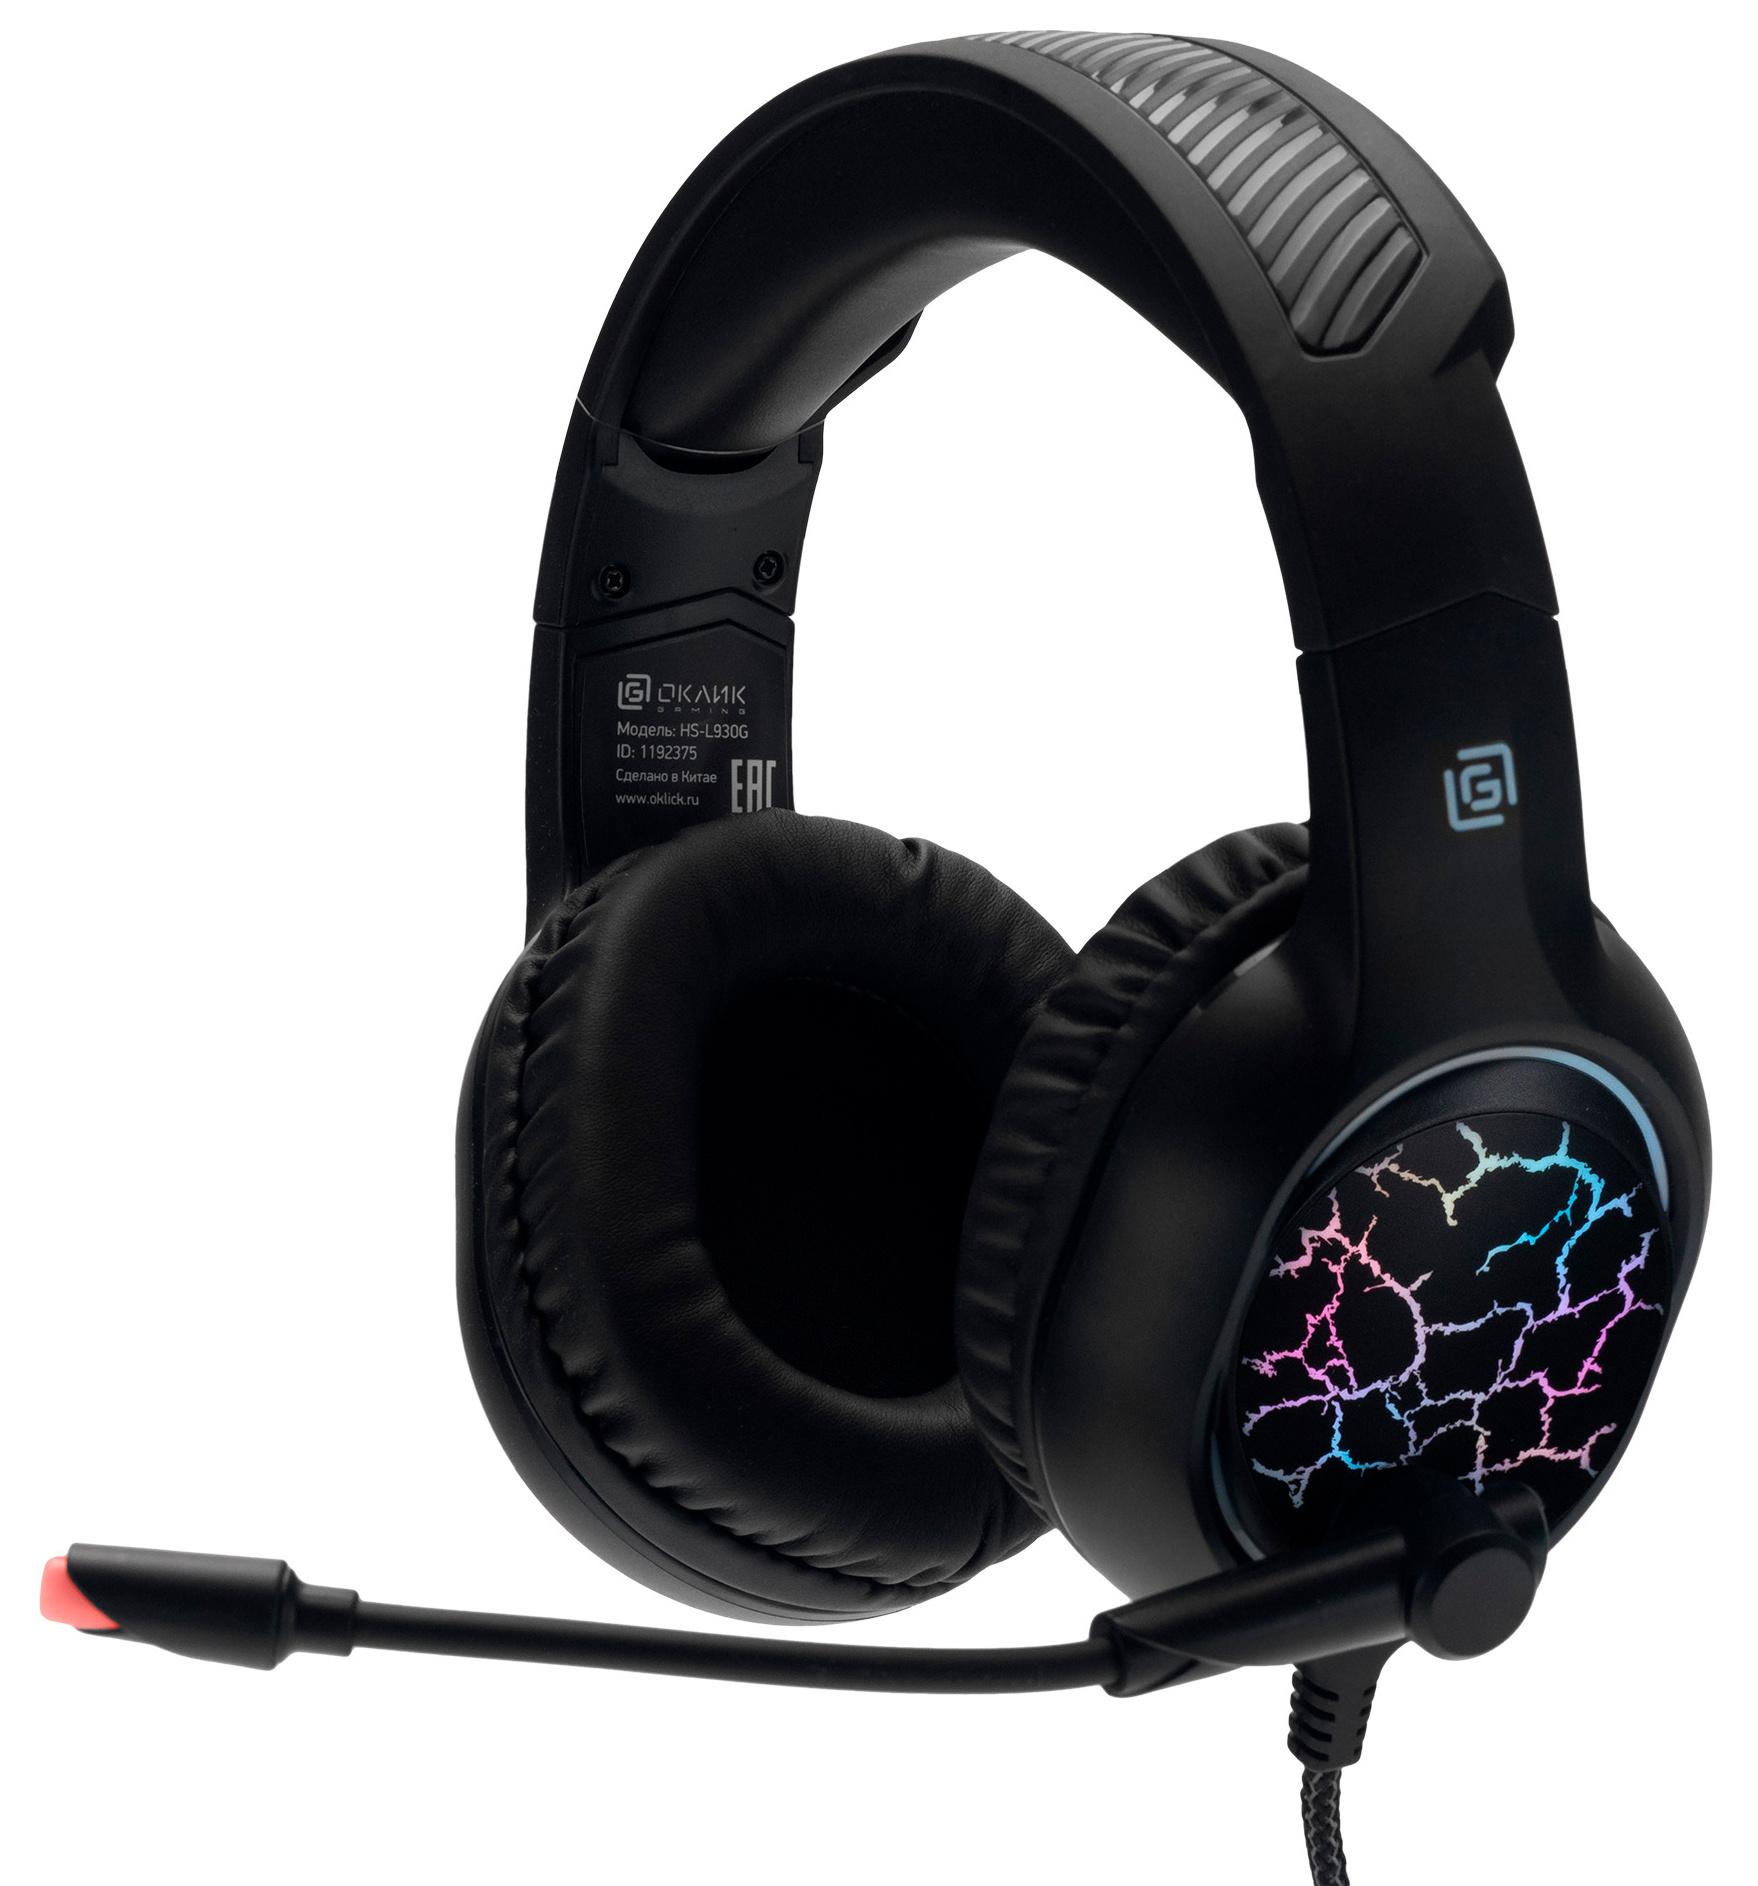 Наушники с микрофоном Oklick HS-L930G SNORTER черный/синий 2м мониторные USB оголовье (HS-L930G)